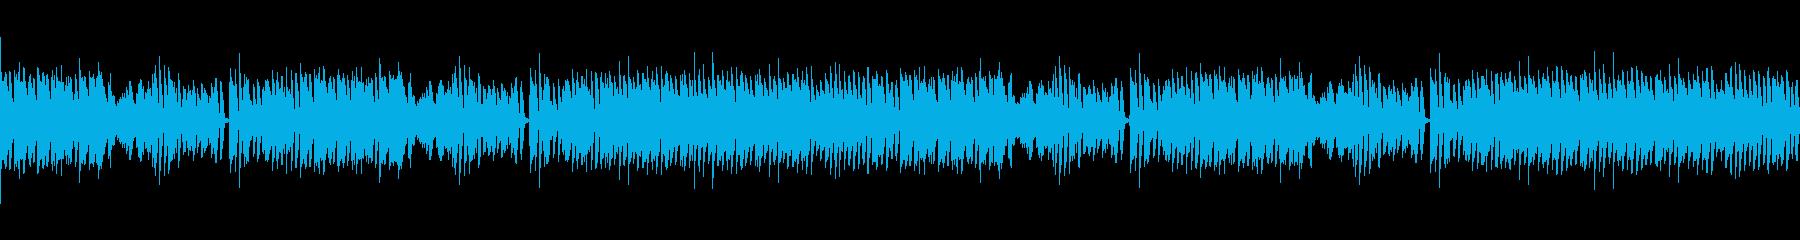 メイプルリーフラグ ピアノの再生済みの波形